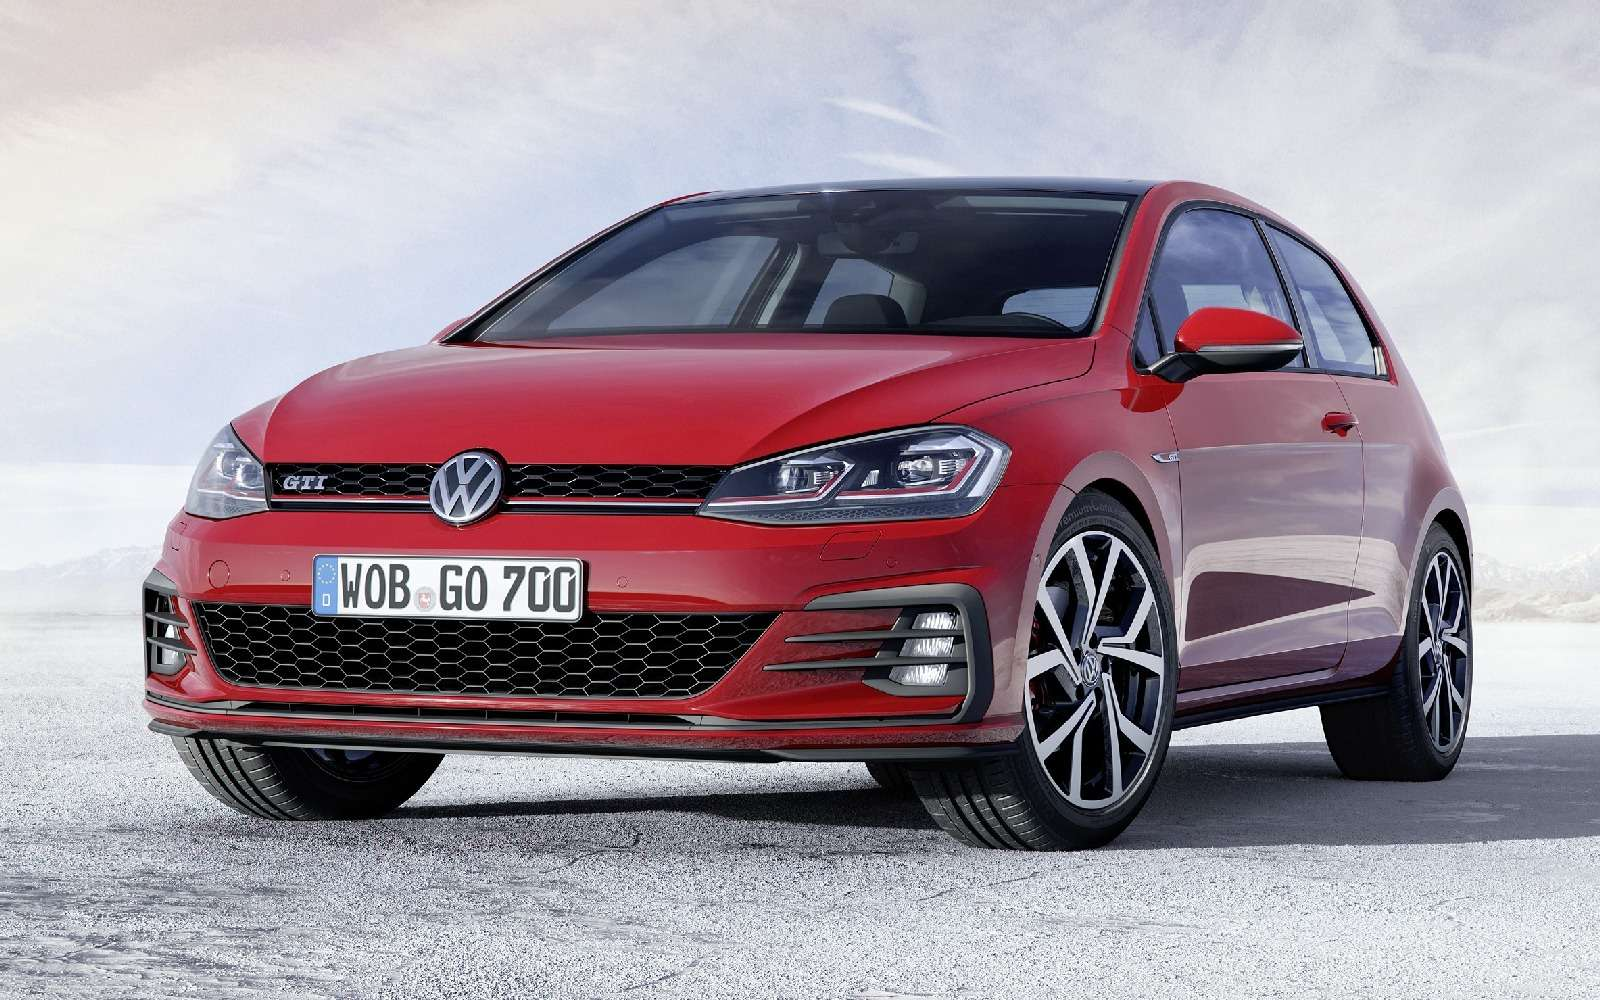 Дальнейшая оцифровка: Volkswagen представил обновленный Golf— фото 661699